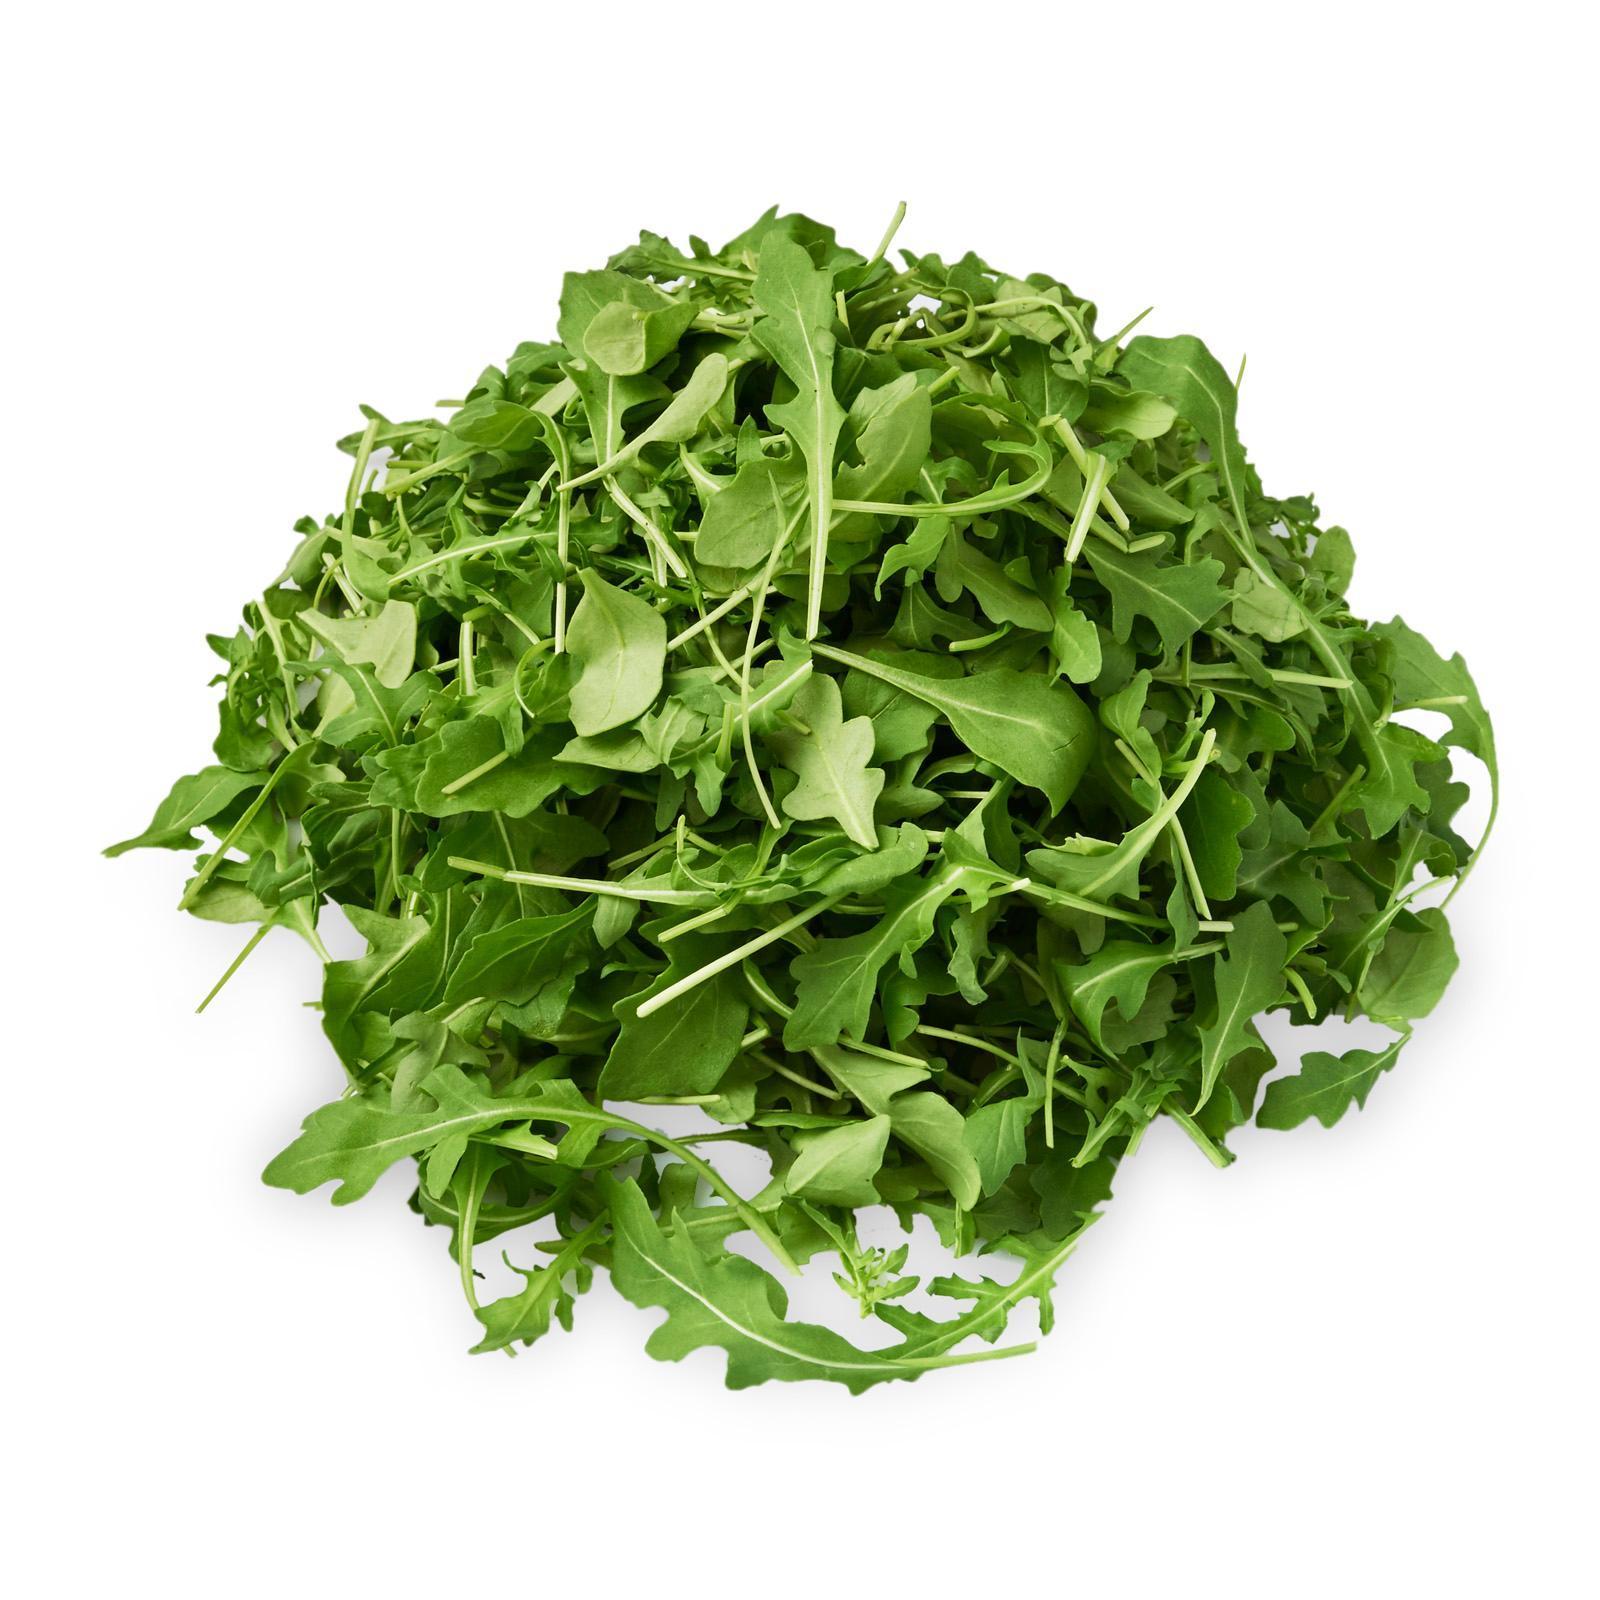 Selezione Oro Rocket Salad